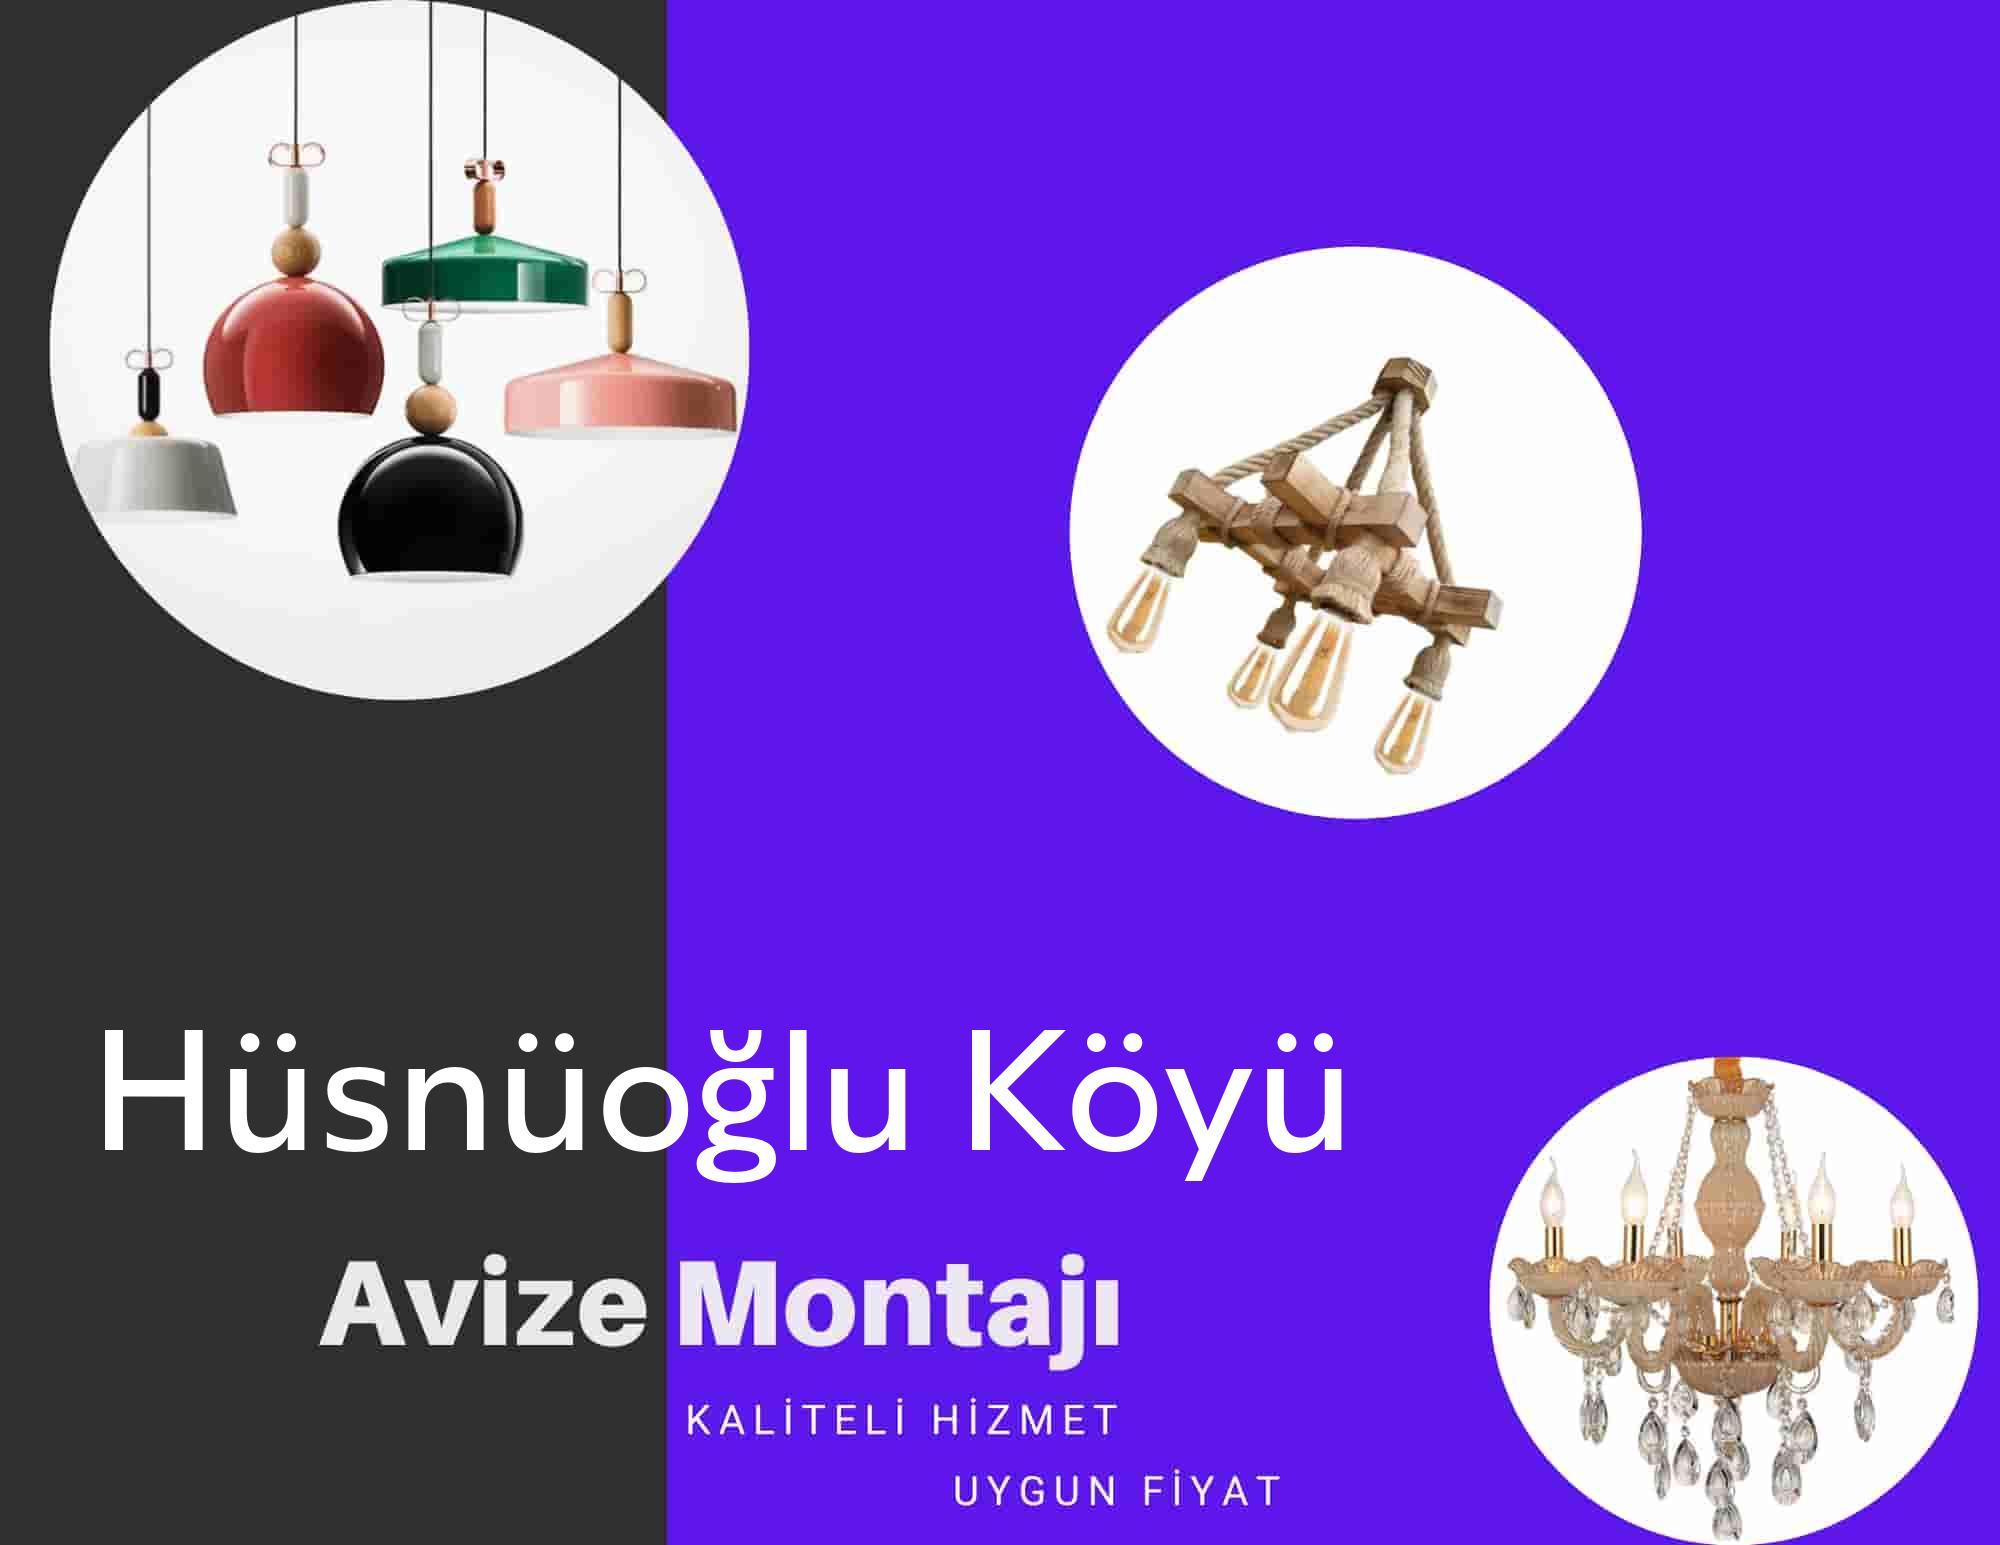 Hüsnüoğlu Köyüde avize montajı yapan yerler arıyorsanız elektrikcicagir anında size profesyonel avize montajı ustasını yönlendirir.